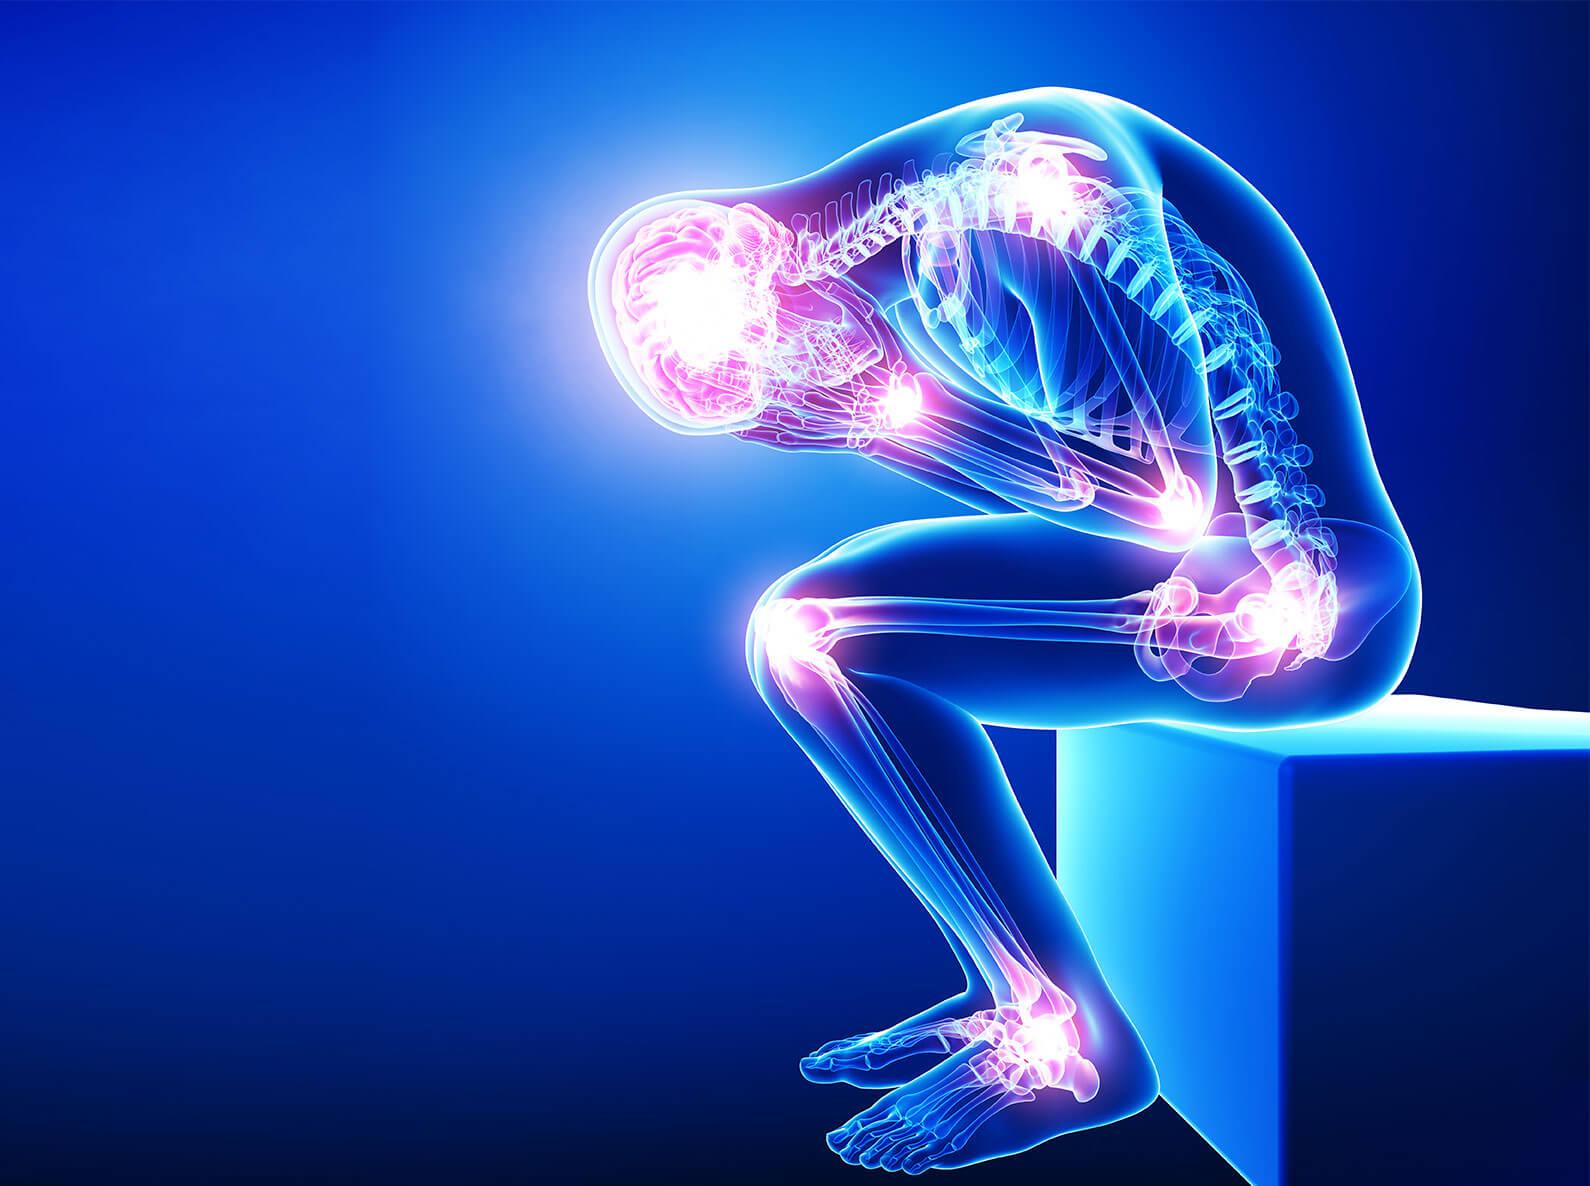 Santé neuromusculosquelettique : au cœur de la programmation du GRAN